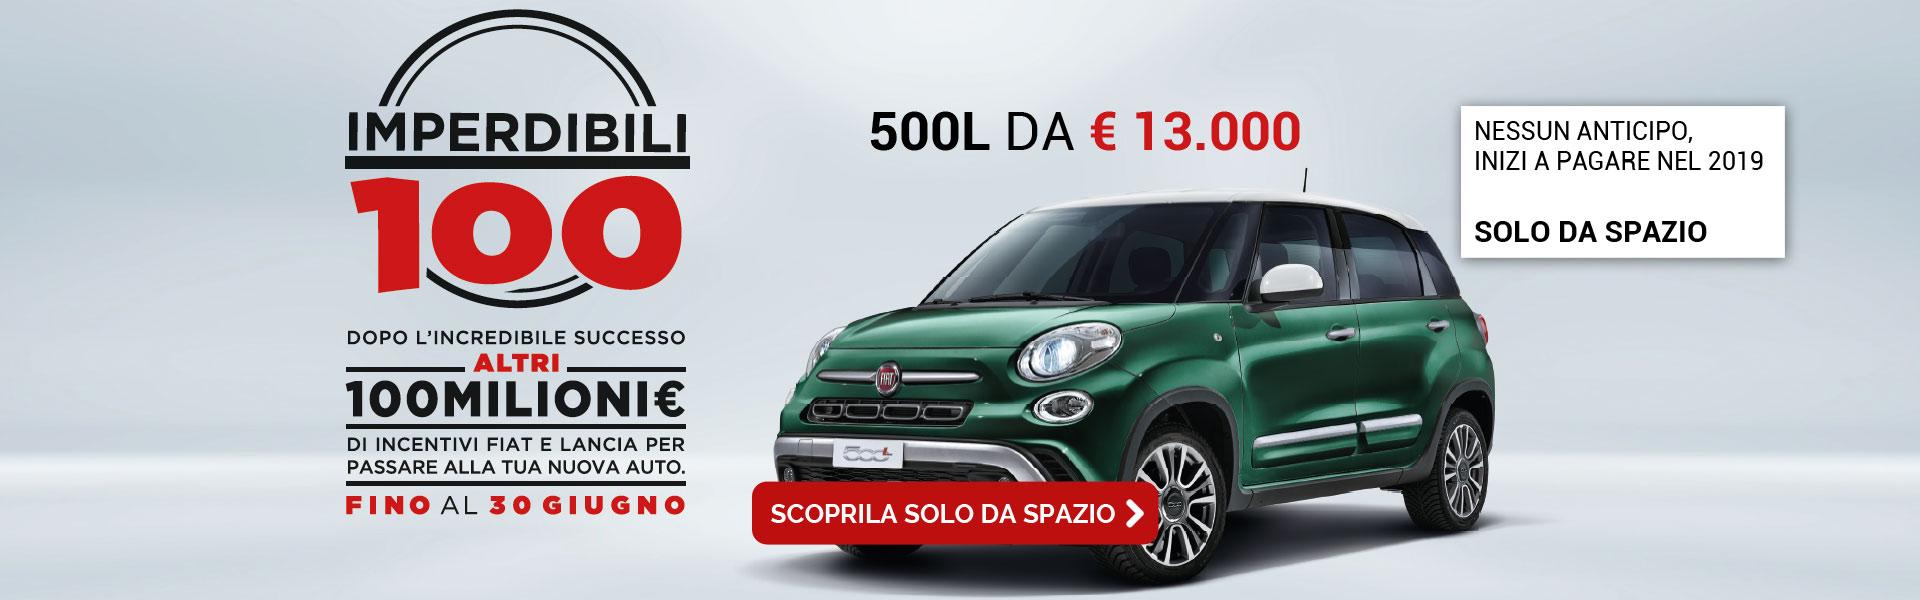 Fiat 500L con finanziamento Imperdibili100